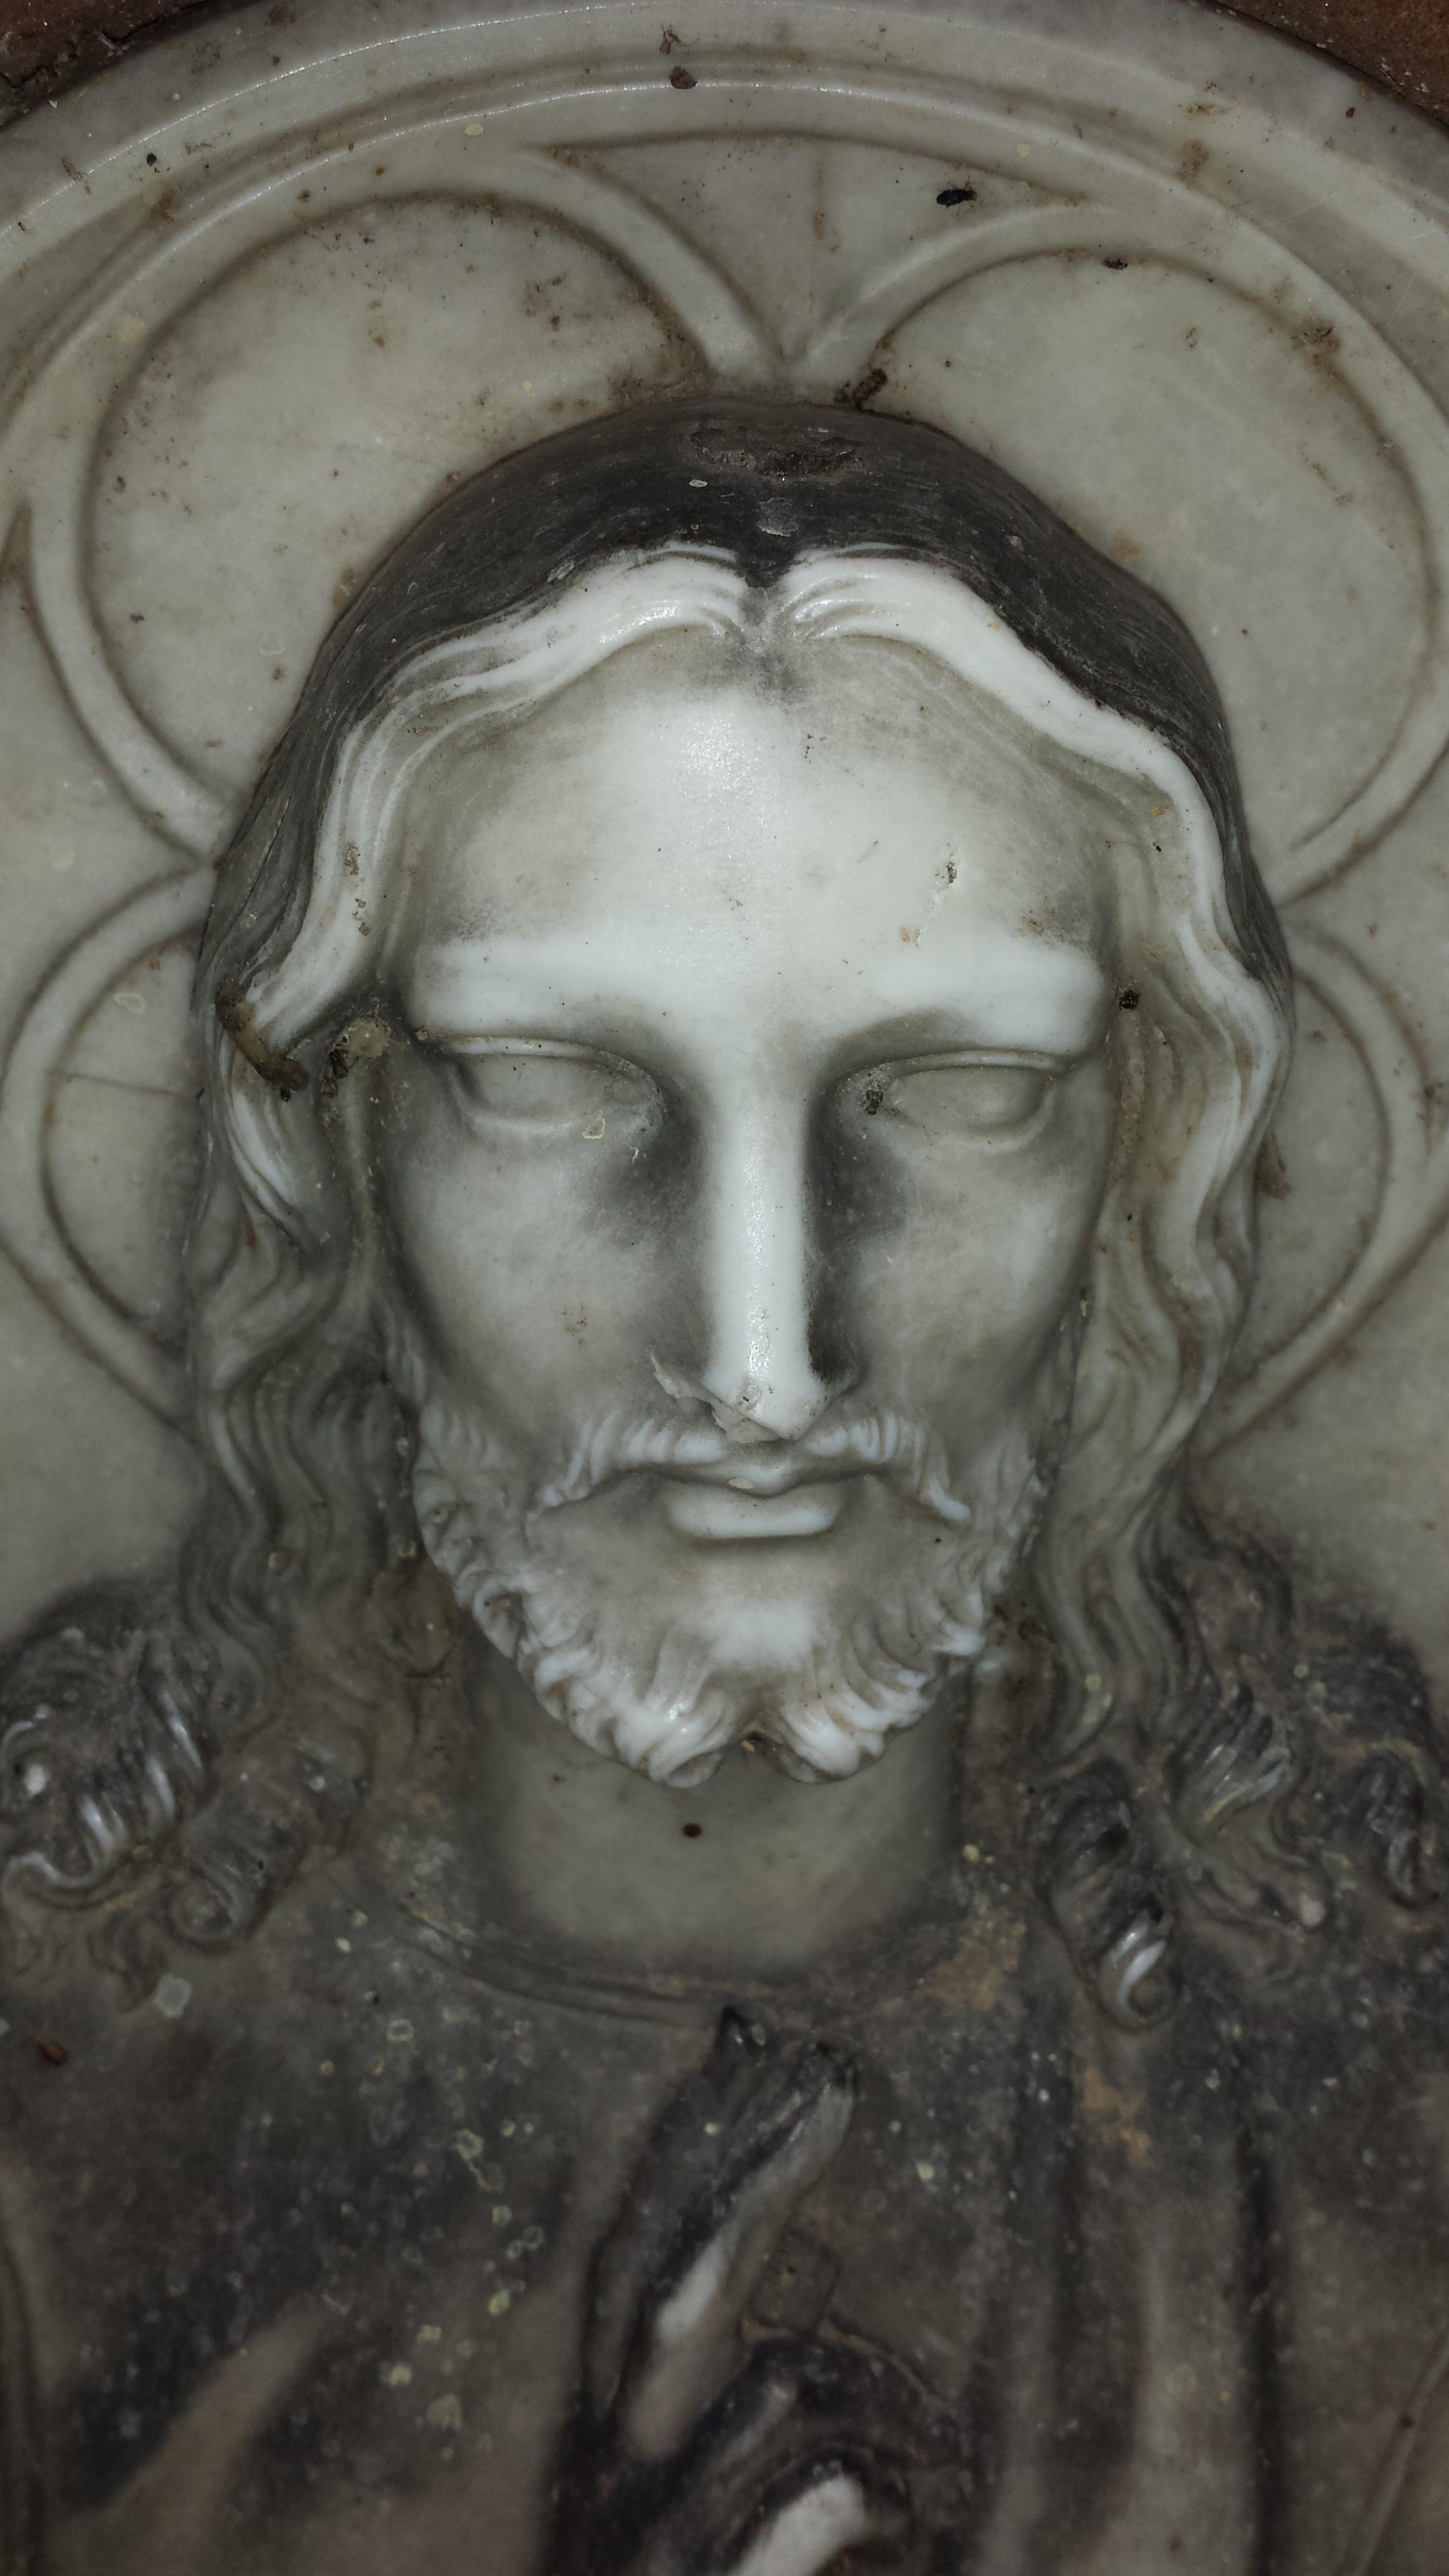 Free Images : sky, monument, statue, portrait, religion